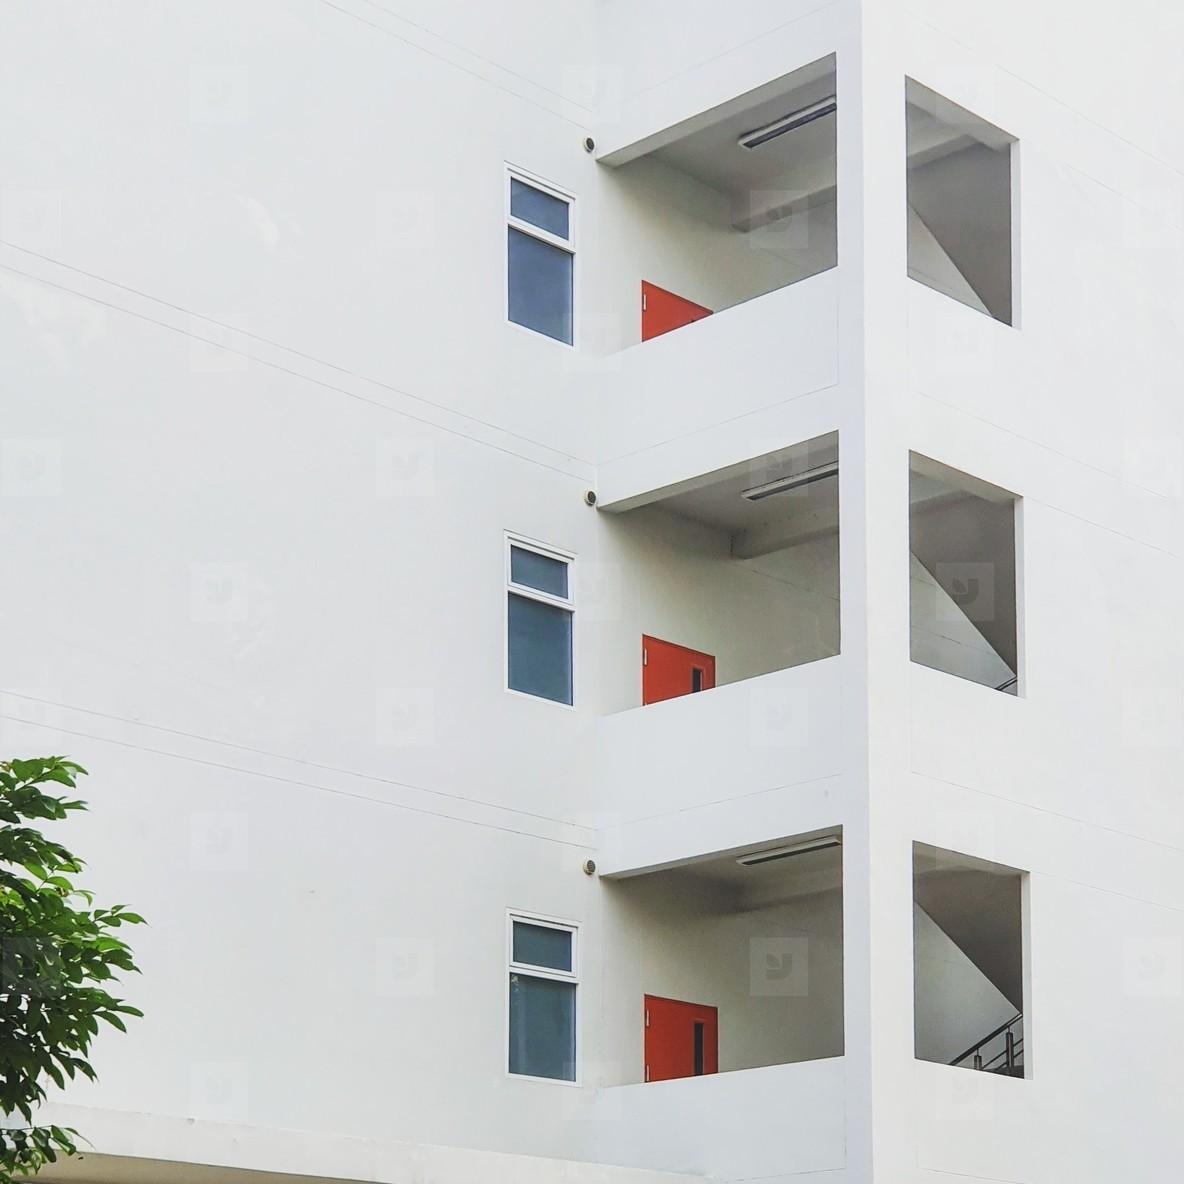 Facade of a white building